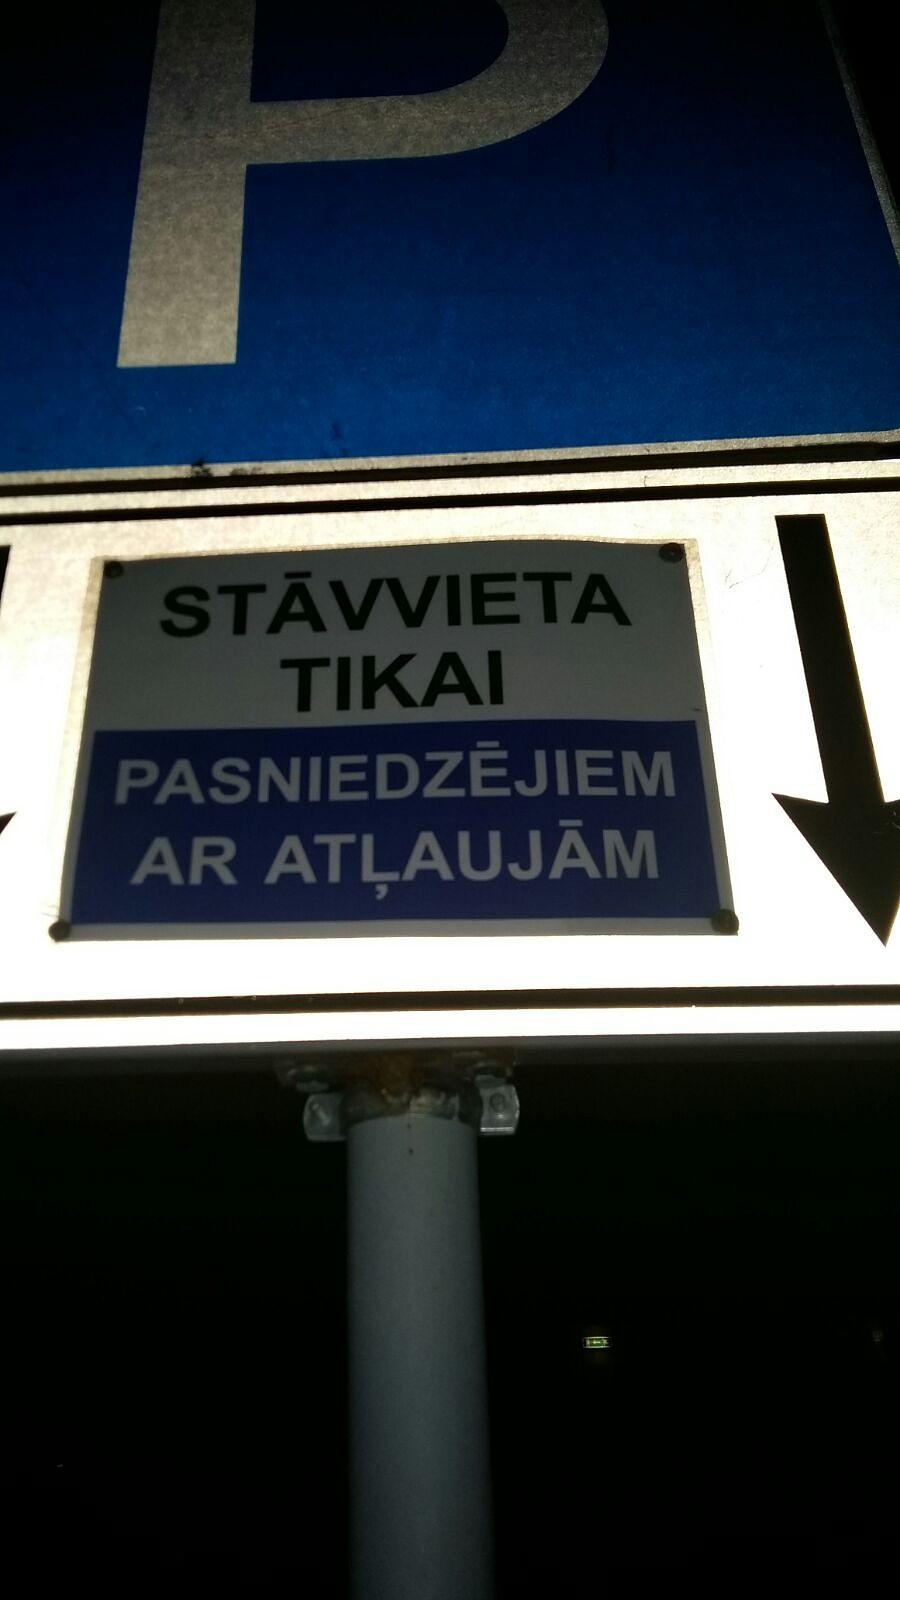 Pie mācību iestādes patvaļīgi uzstāda zīmi